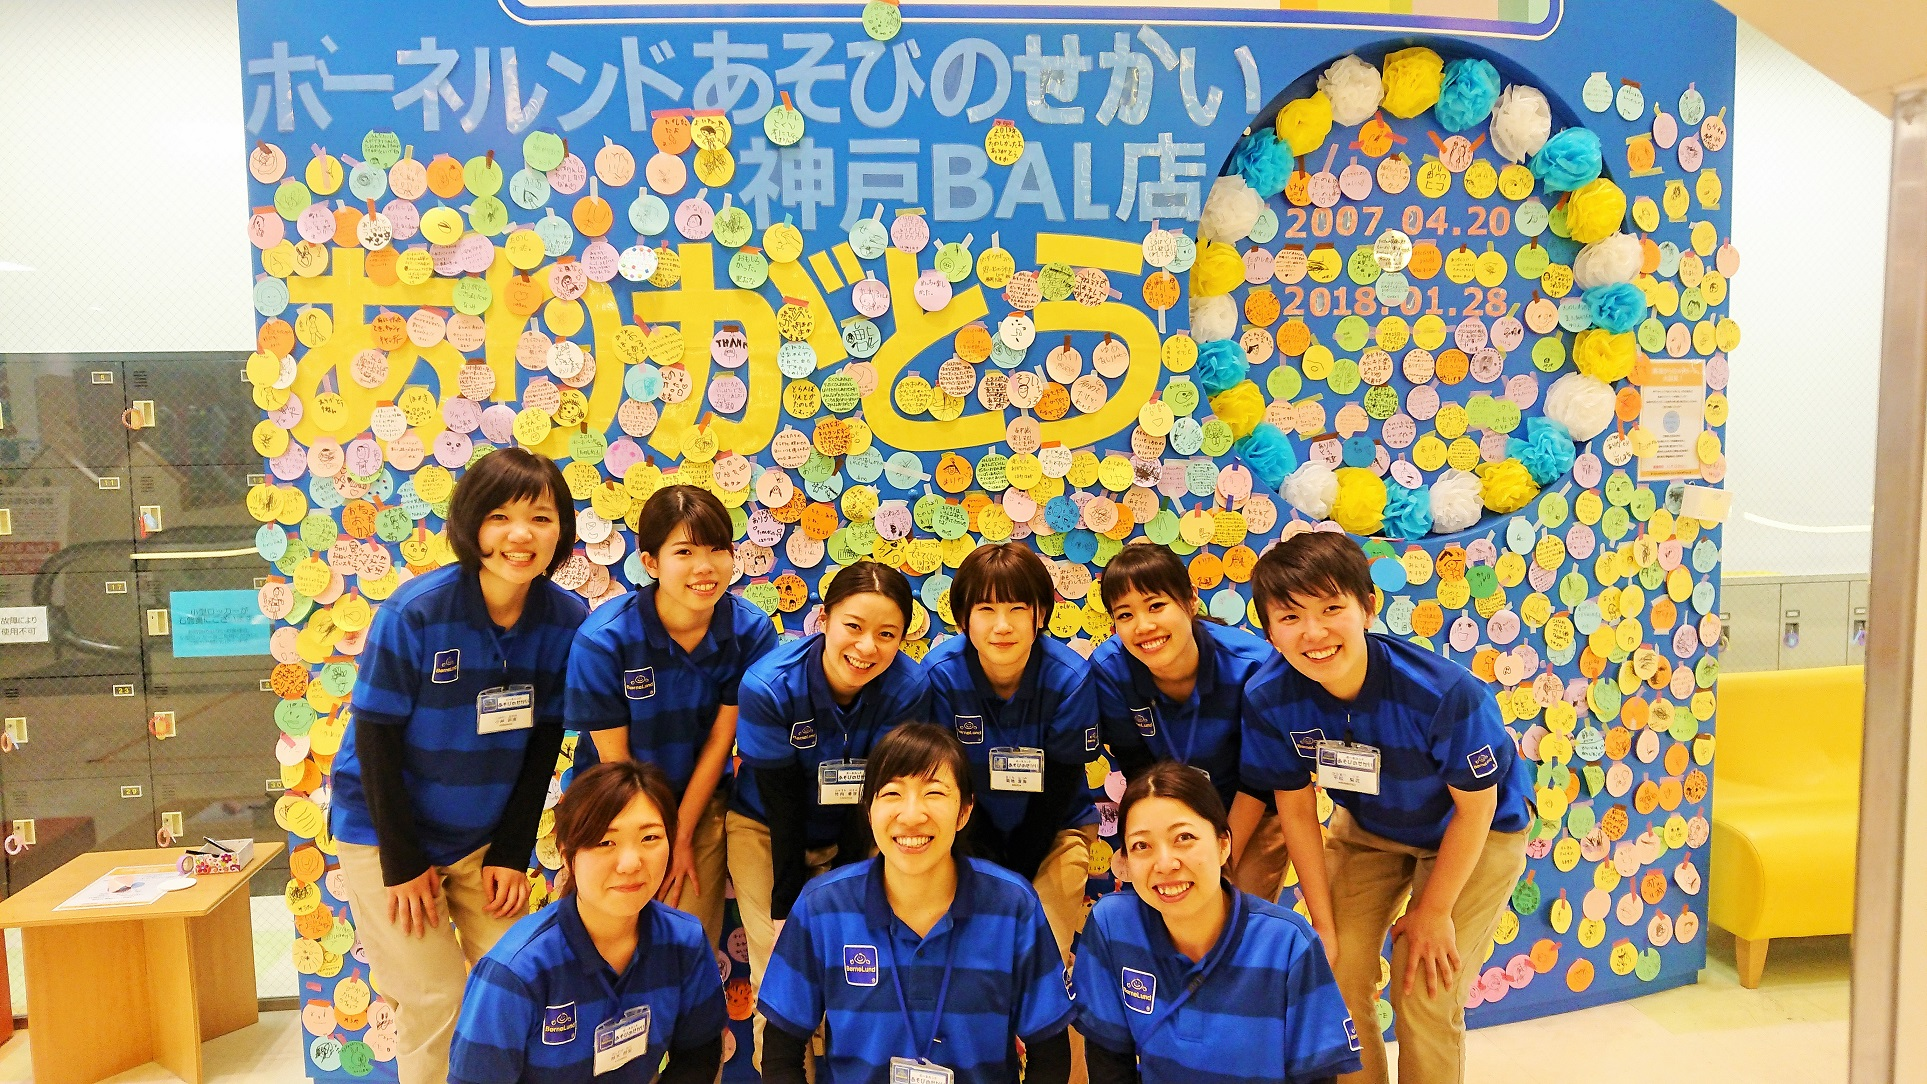 【お知らせ】ボーネルンドあそびのせかい神戸BAL店 閉店のお知らせ